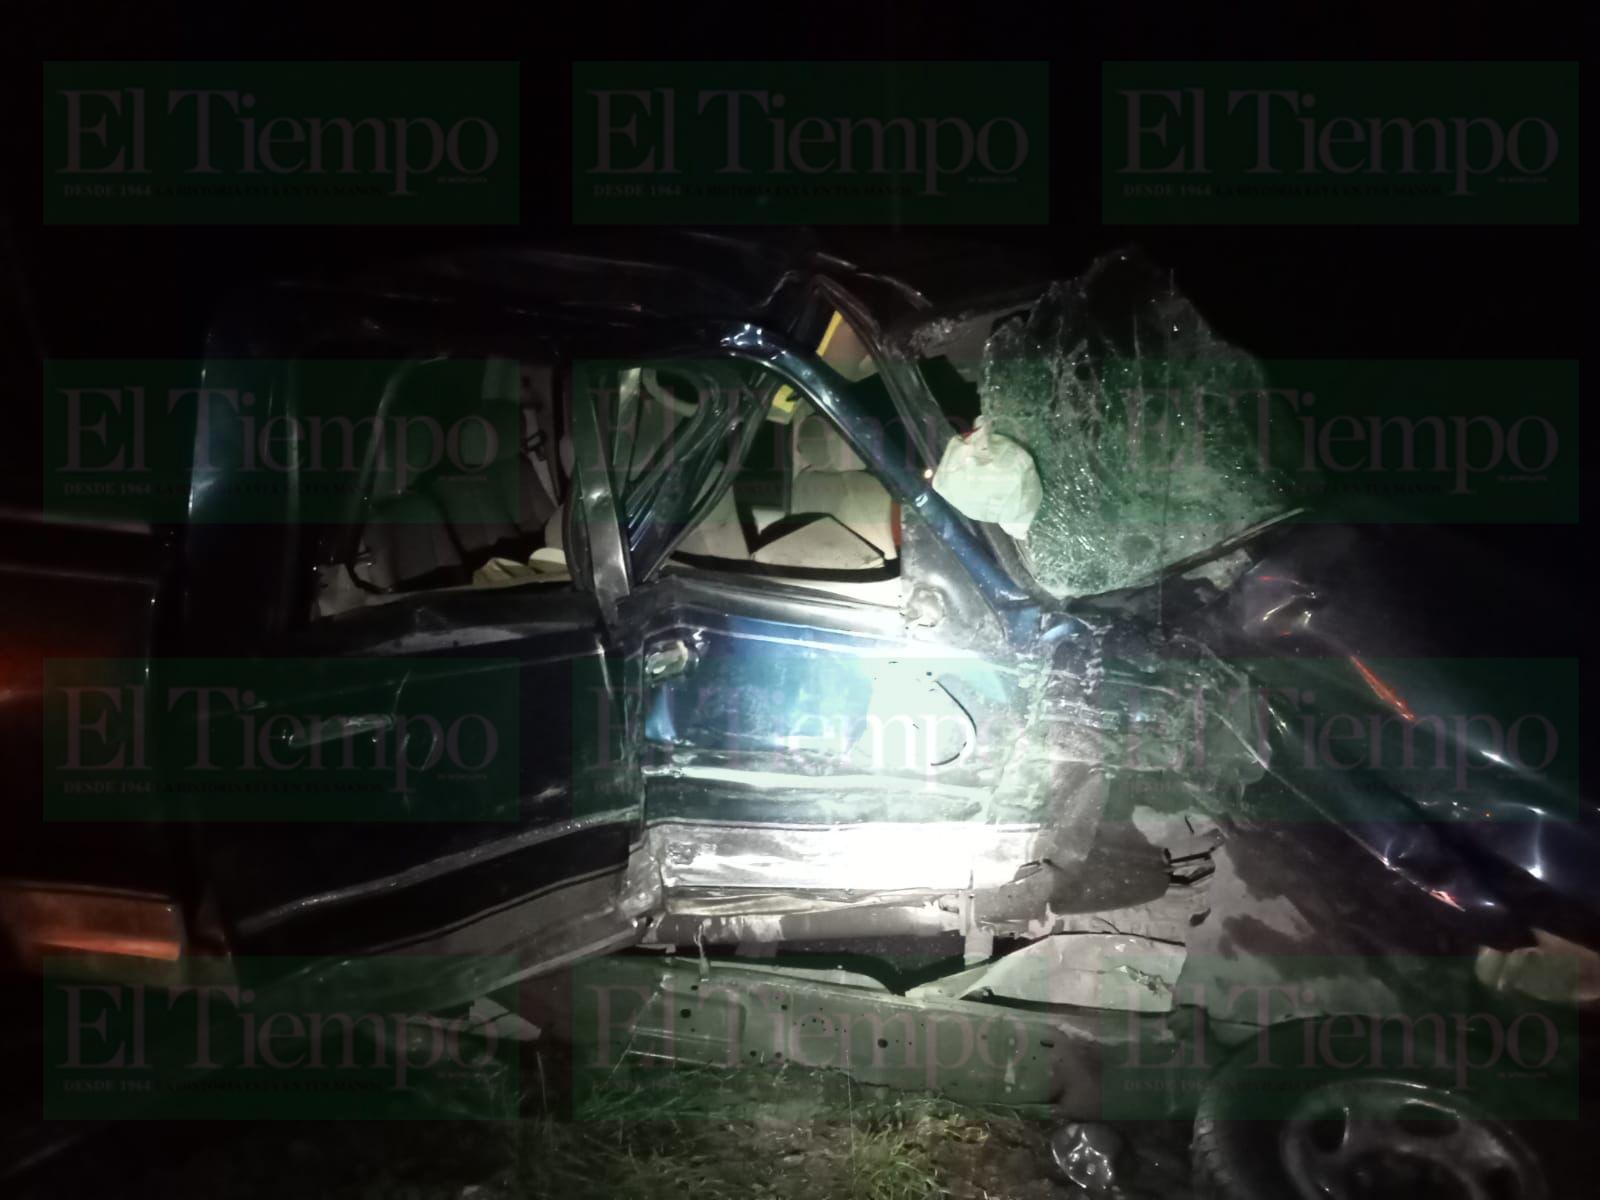 Camioneta es impactada por tráiler en Frontera, el conductor resultó con lesiones graves